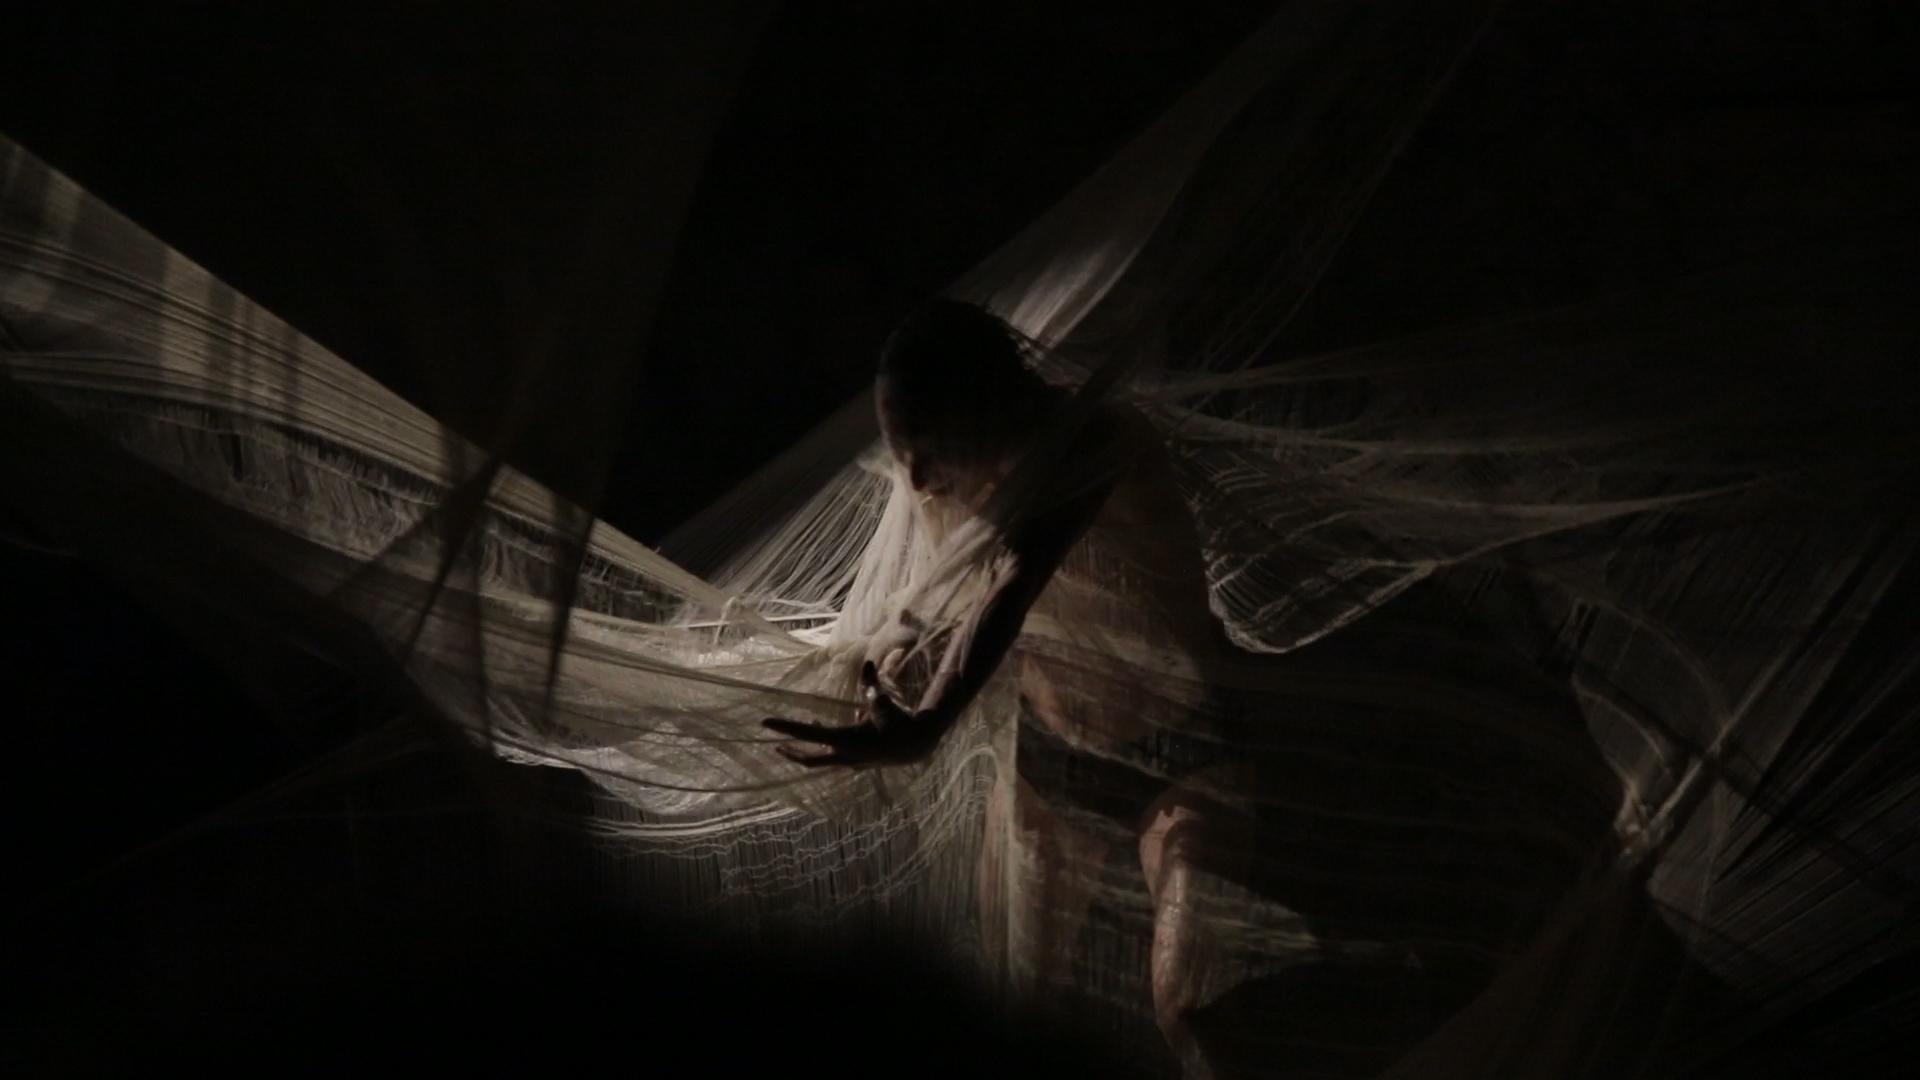 29.Vid - Talon - Still frames - Stefano Croci